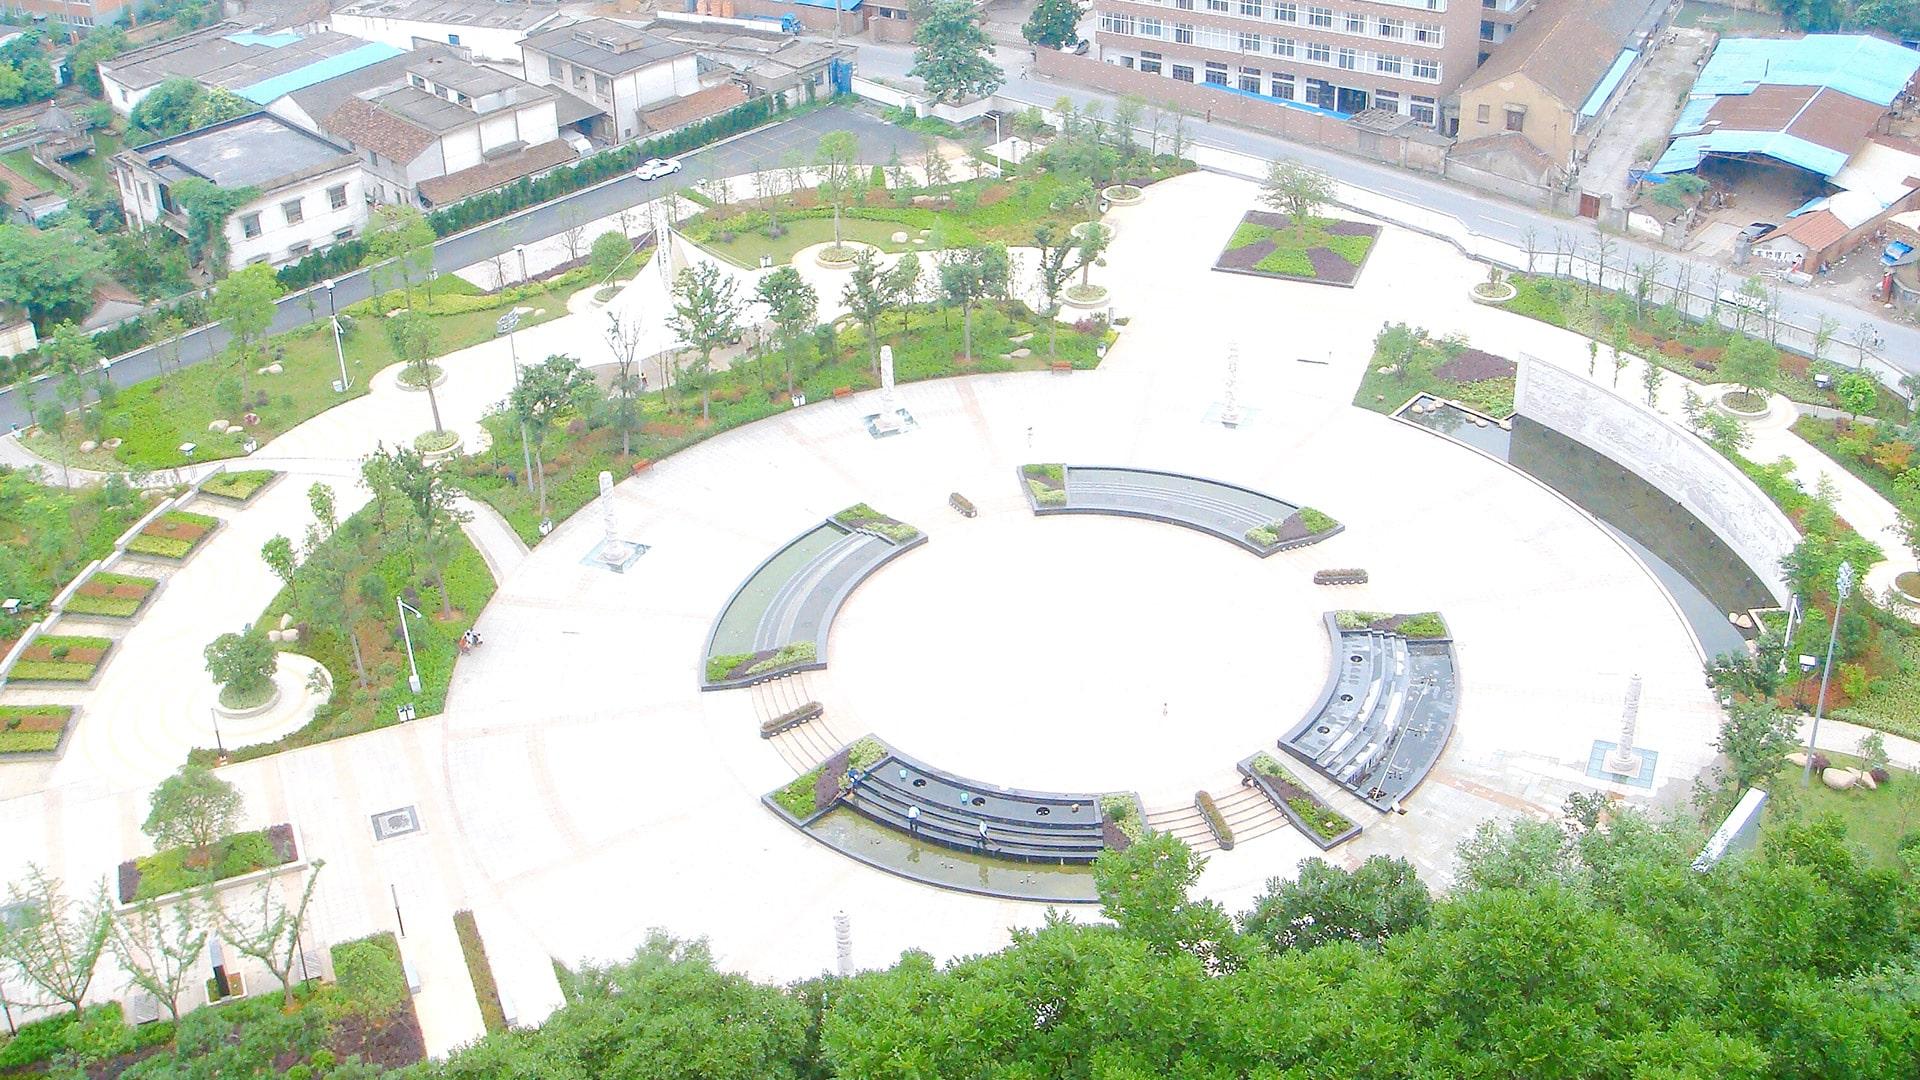 2014--余杭镇塔山公园文化广场景观工程